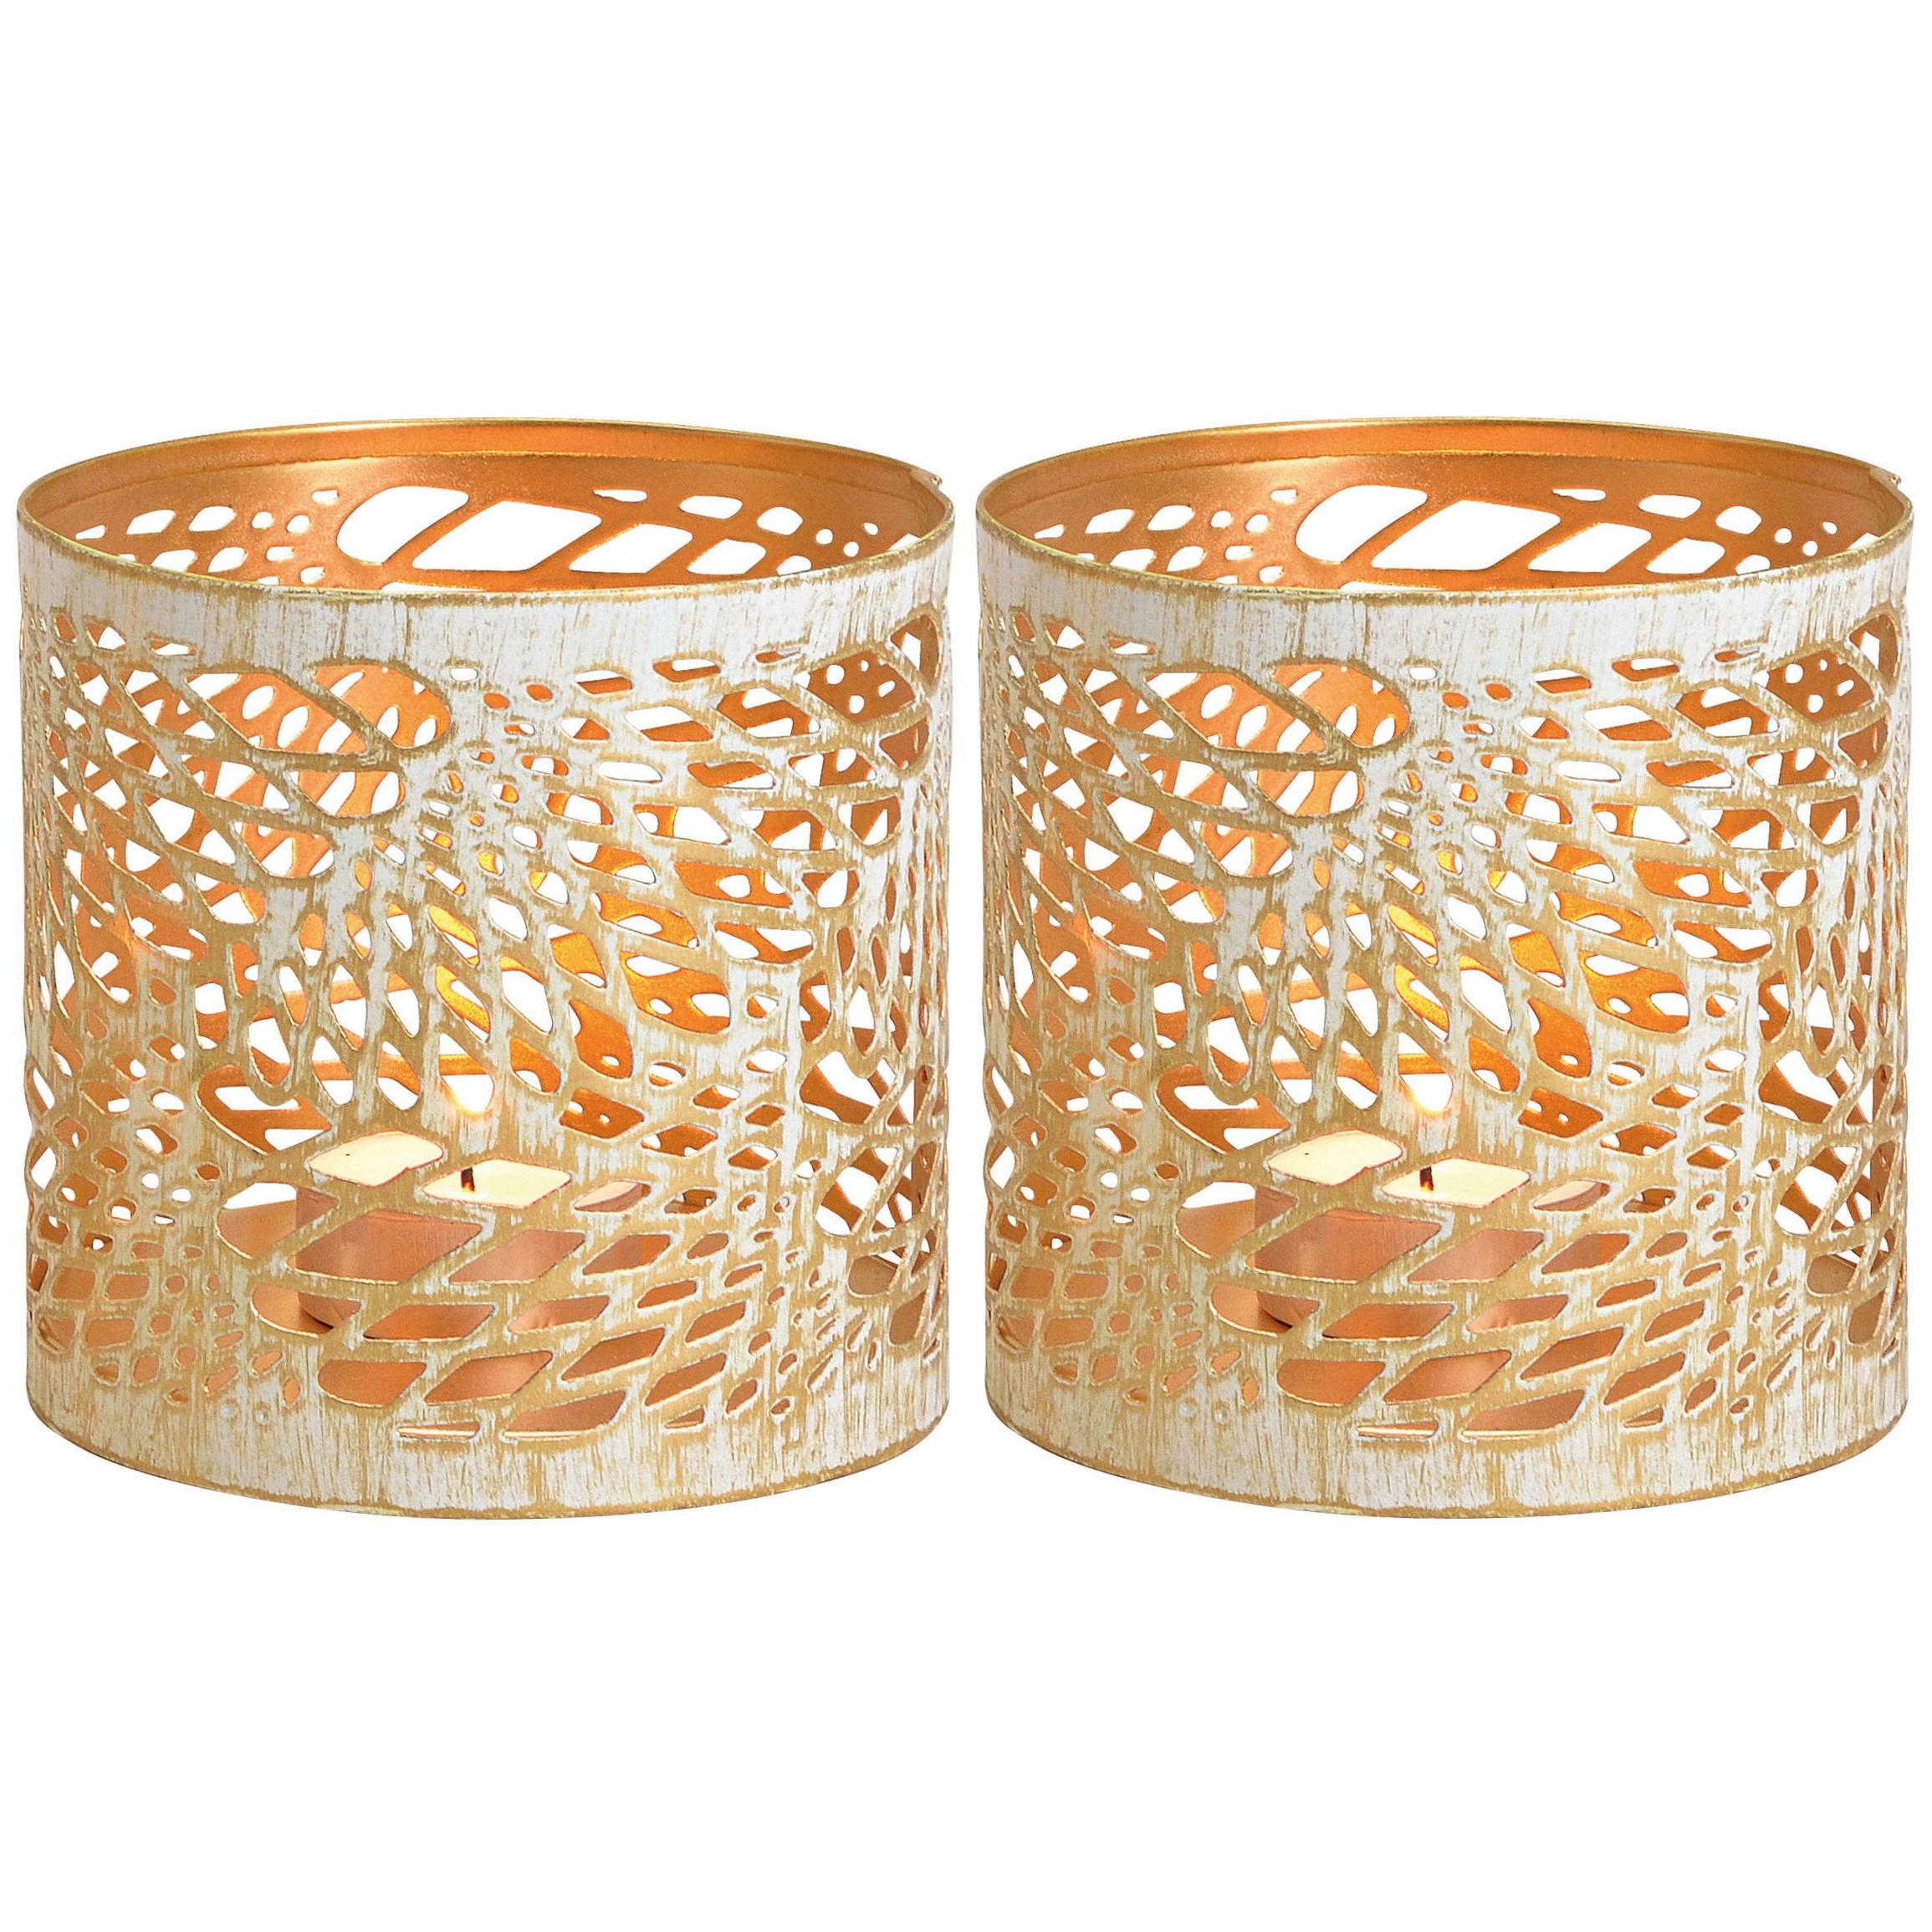 2x Kaarsenhouders voor theelichtjes/waxinelichtjes wit/goud abstract vleugel patroon 11 cm -